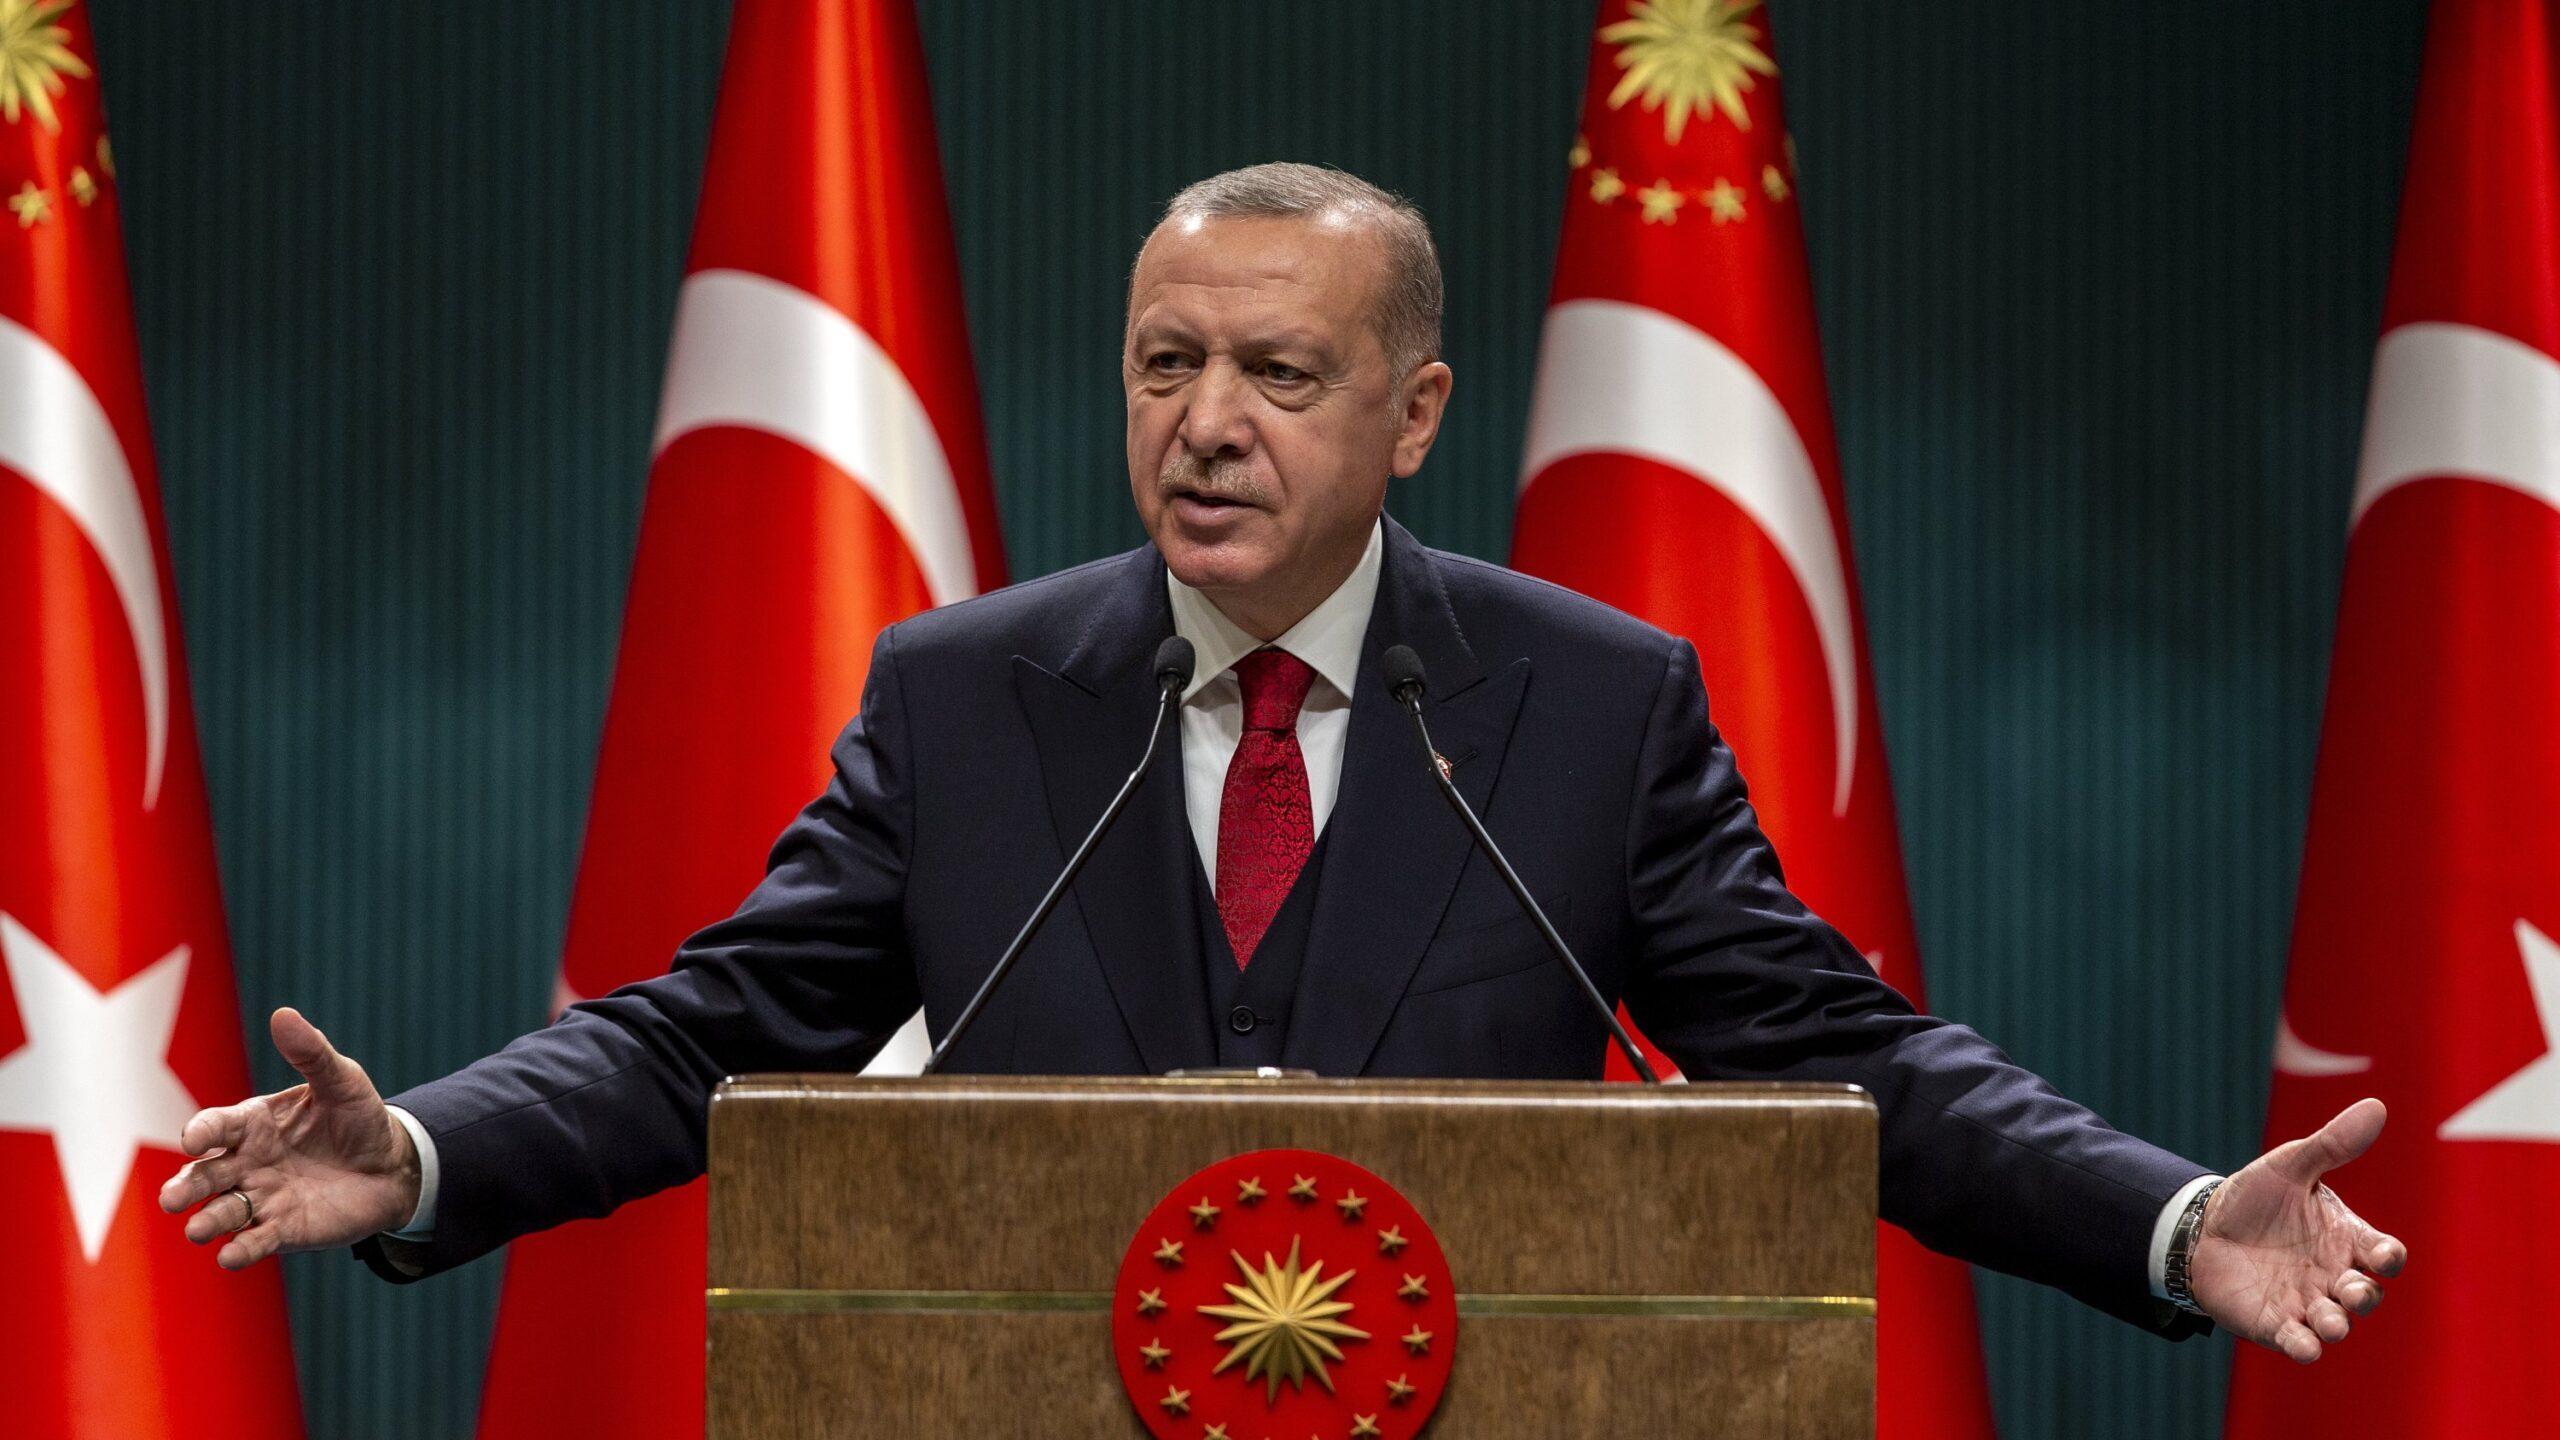 Orfano di Trump, il presidente turco corteggia l'Unione europea